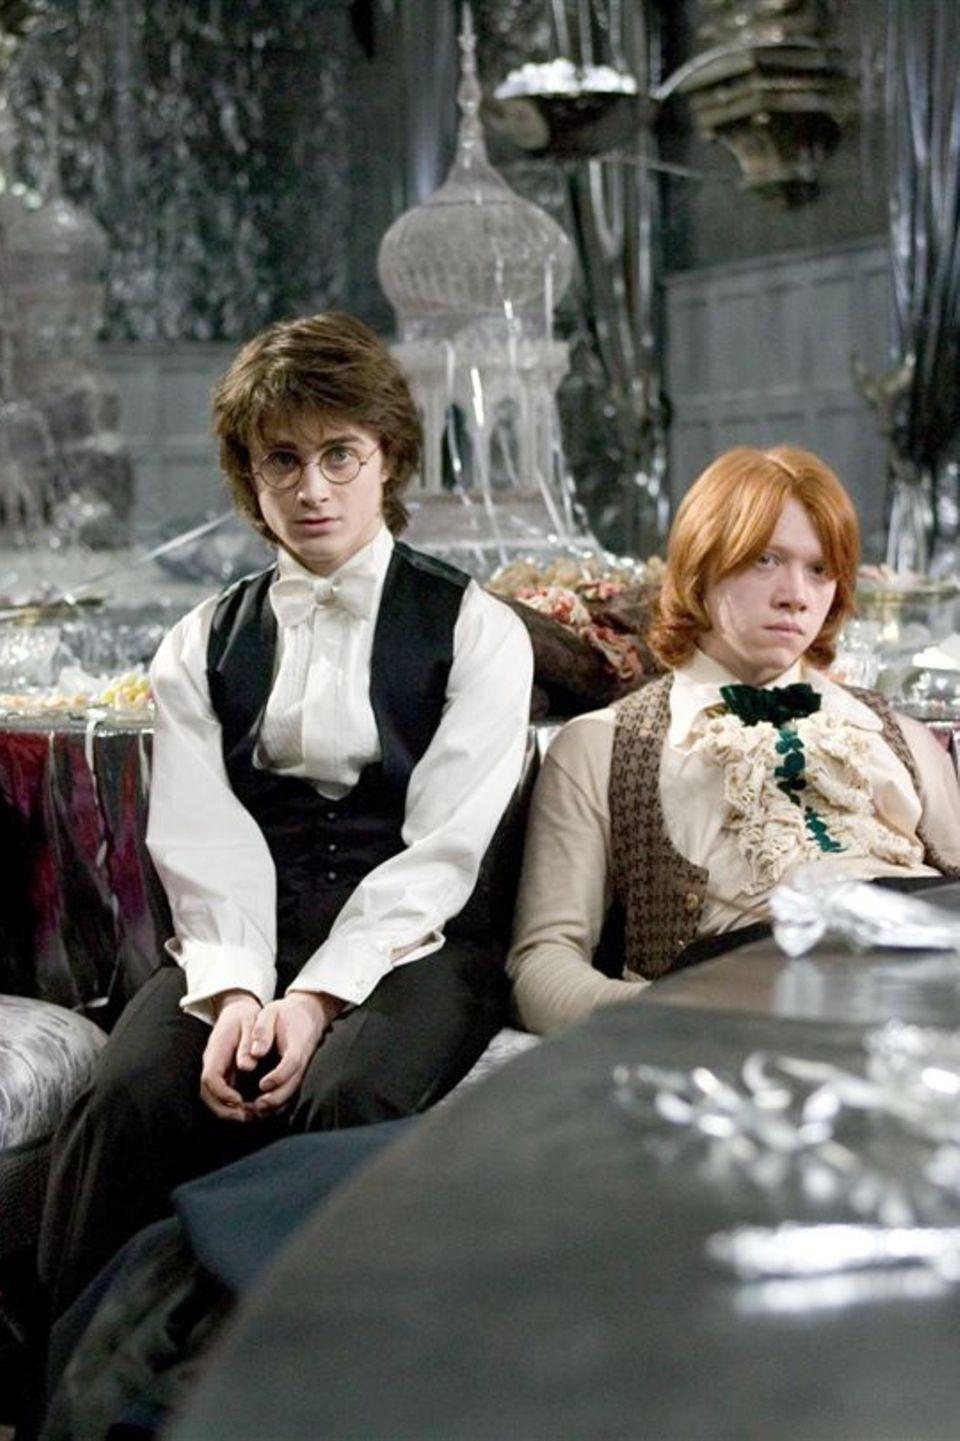 """In der Verfilmung von """"Harry Potter und der Feuerkelch"""" ist Afshan Azad als Padma Patil (ganz rechts) erstmals neben Daniel Radcliffe und Rupert Grint zu sehen."""